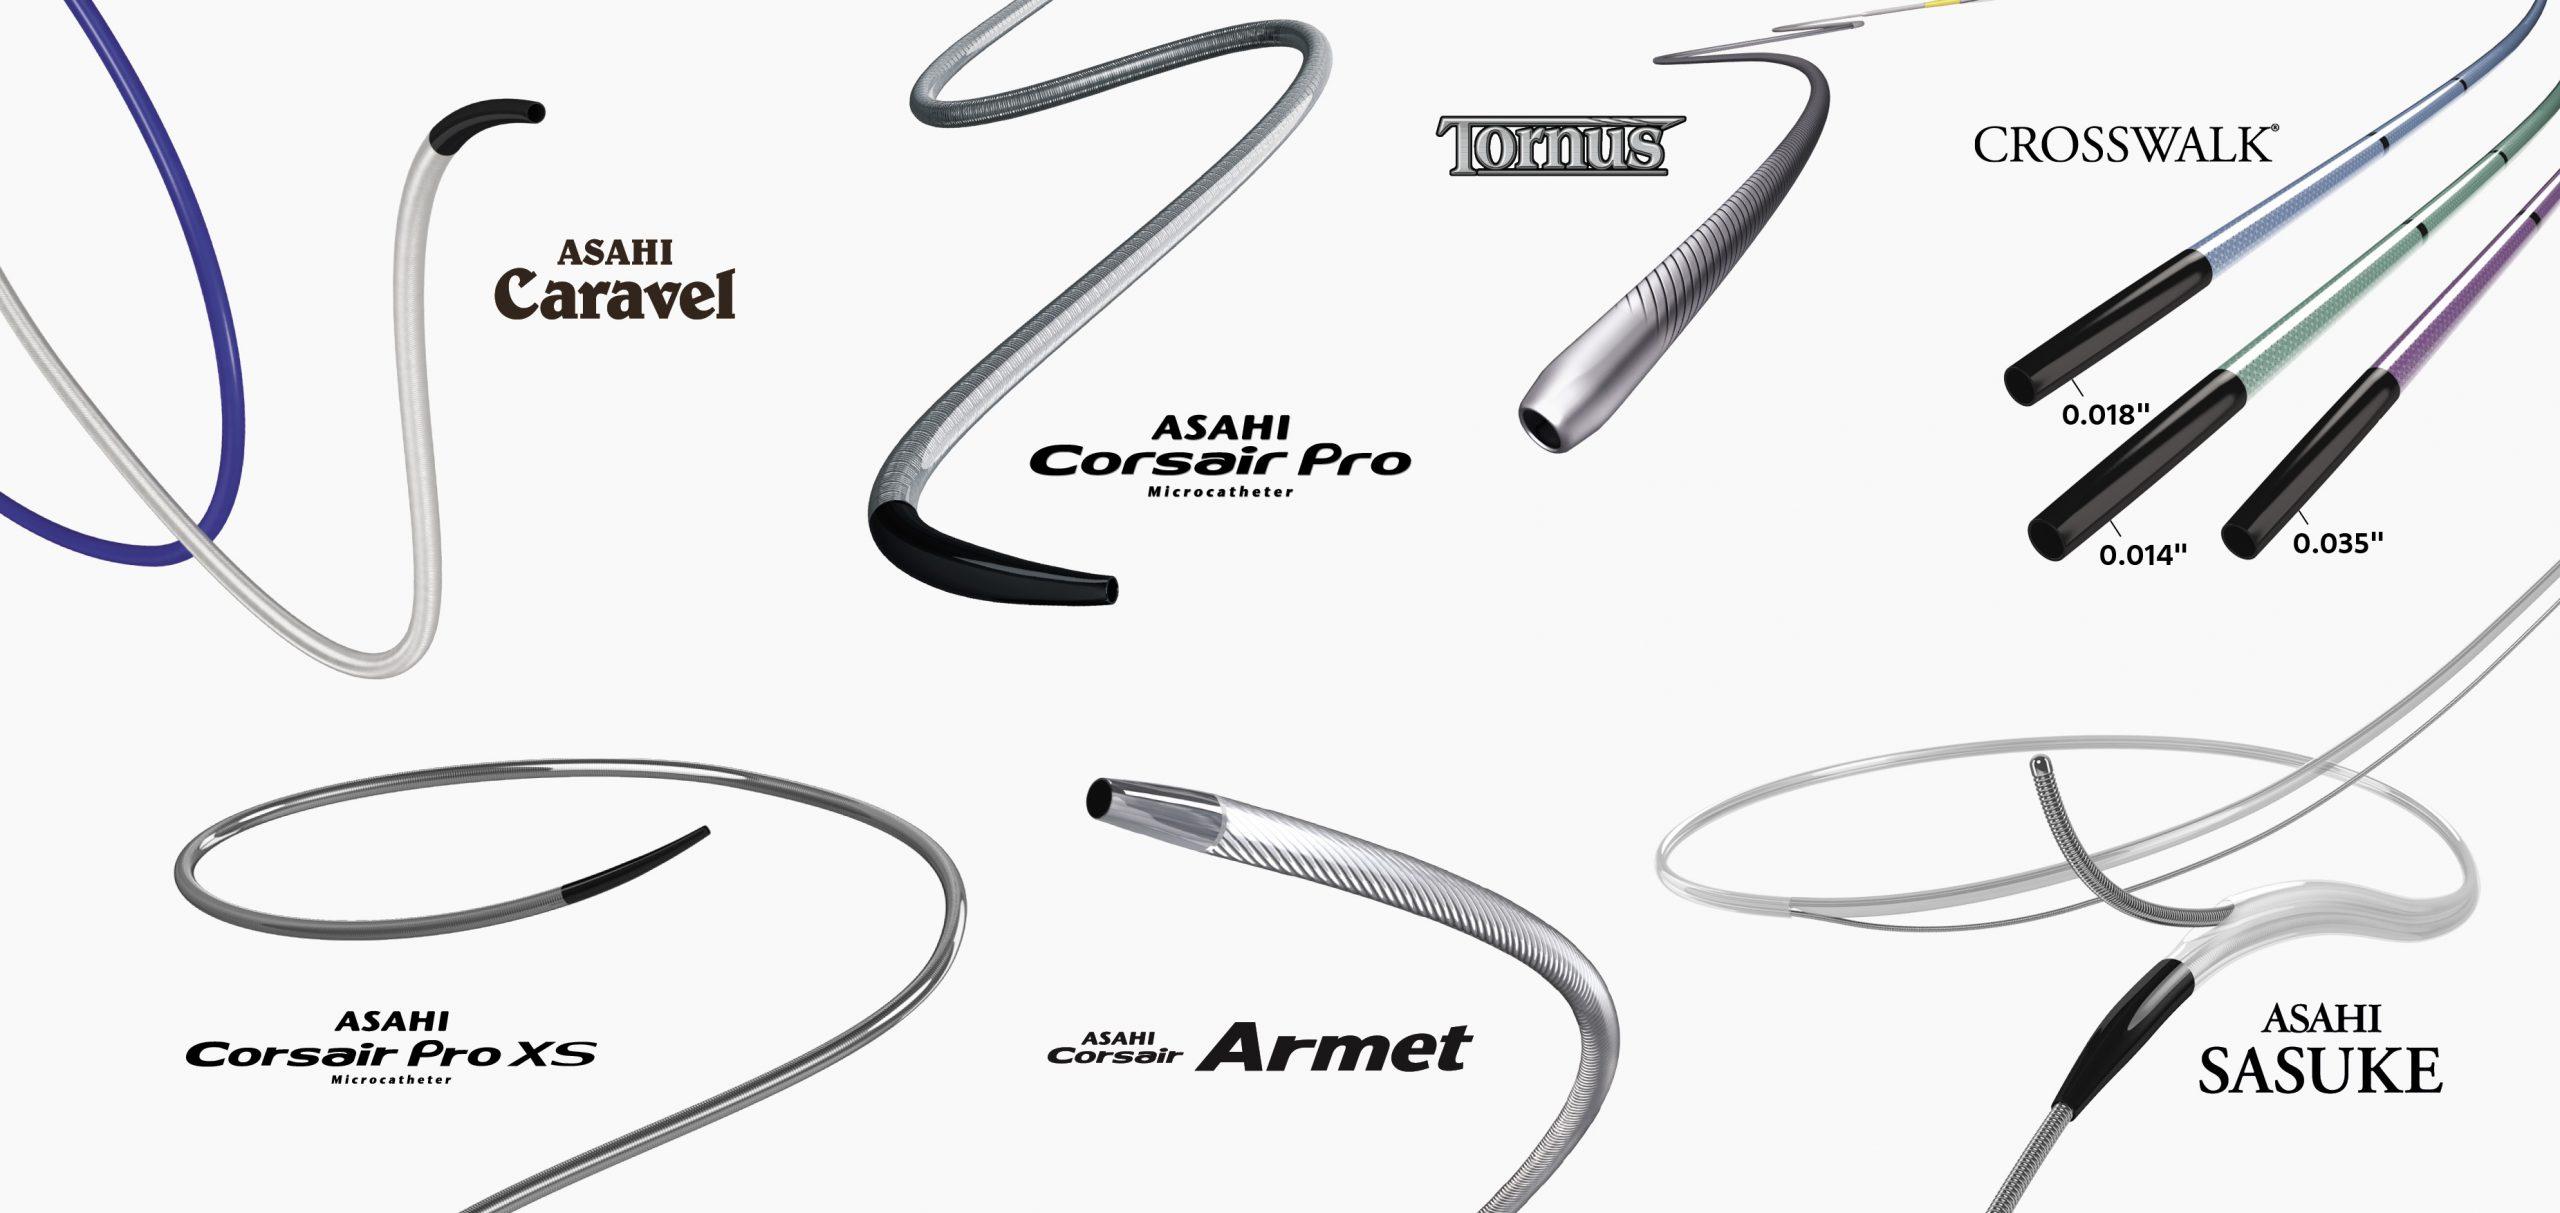 Asahi Microcatheters